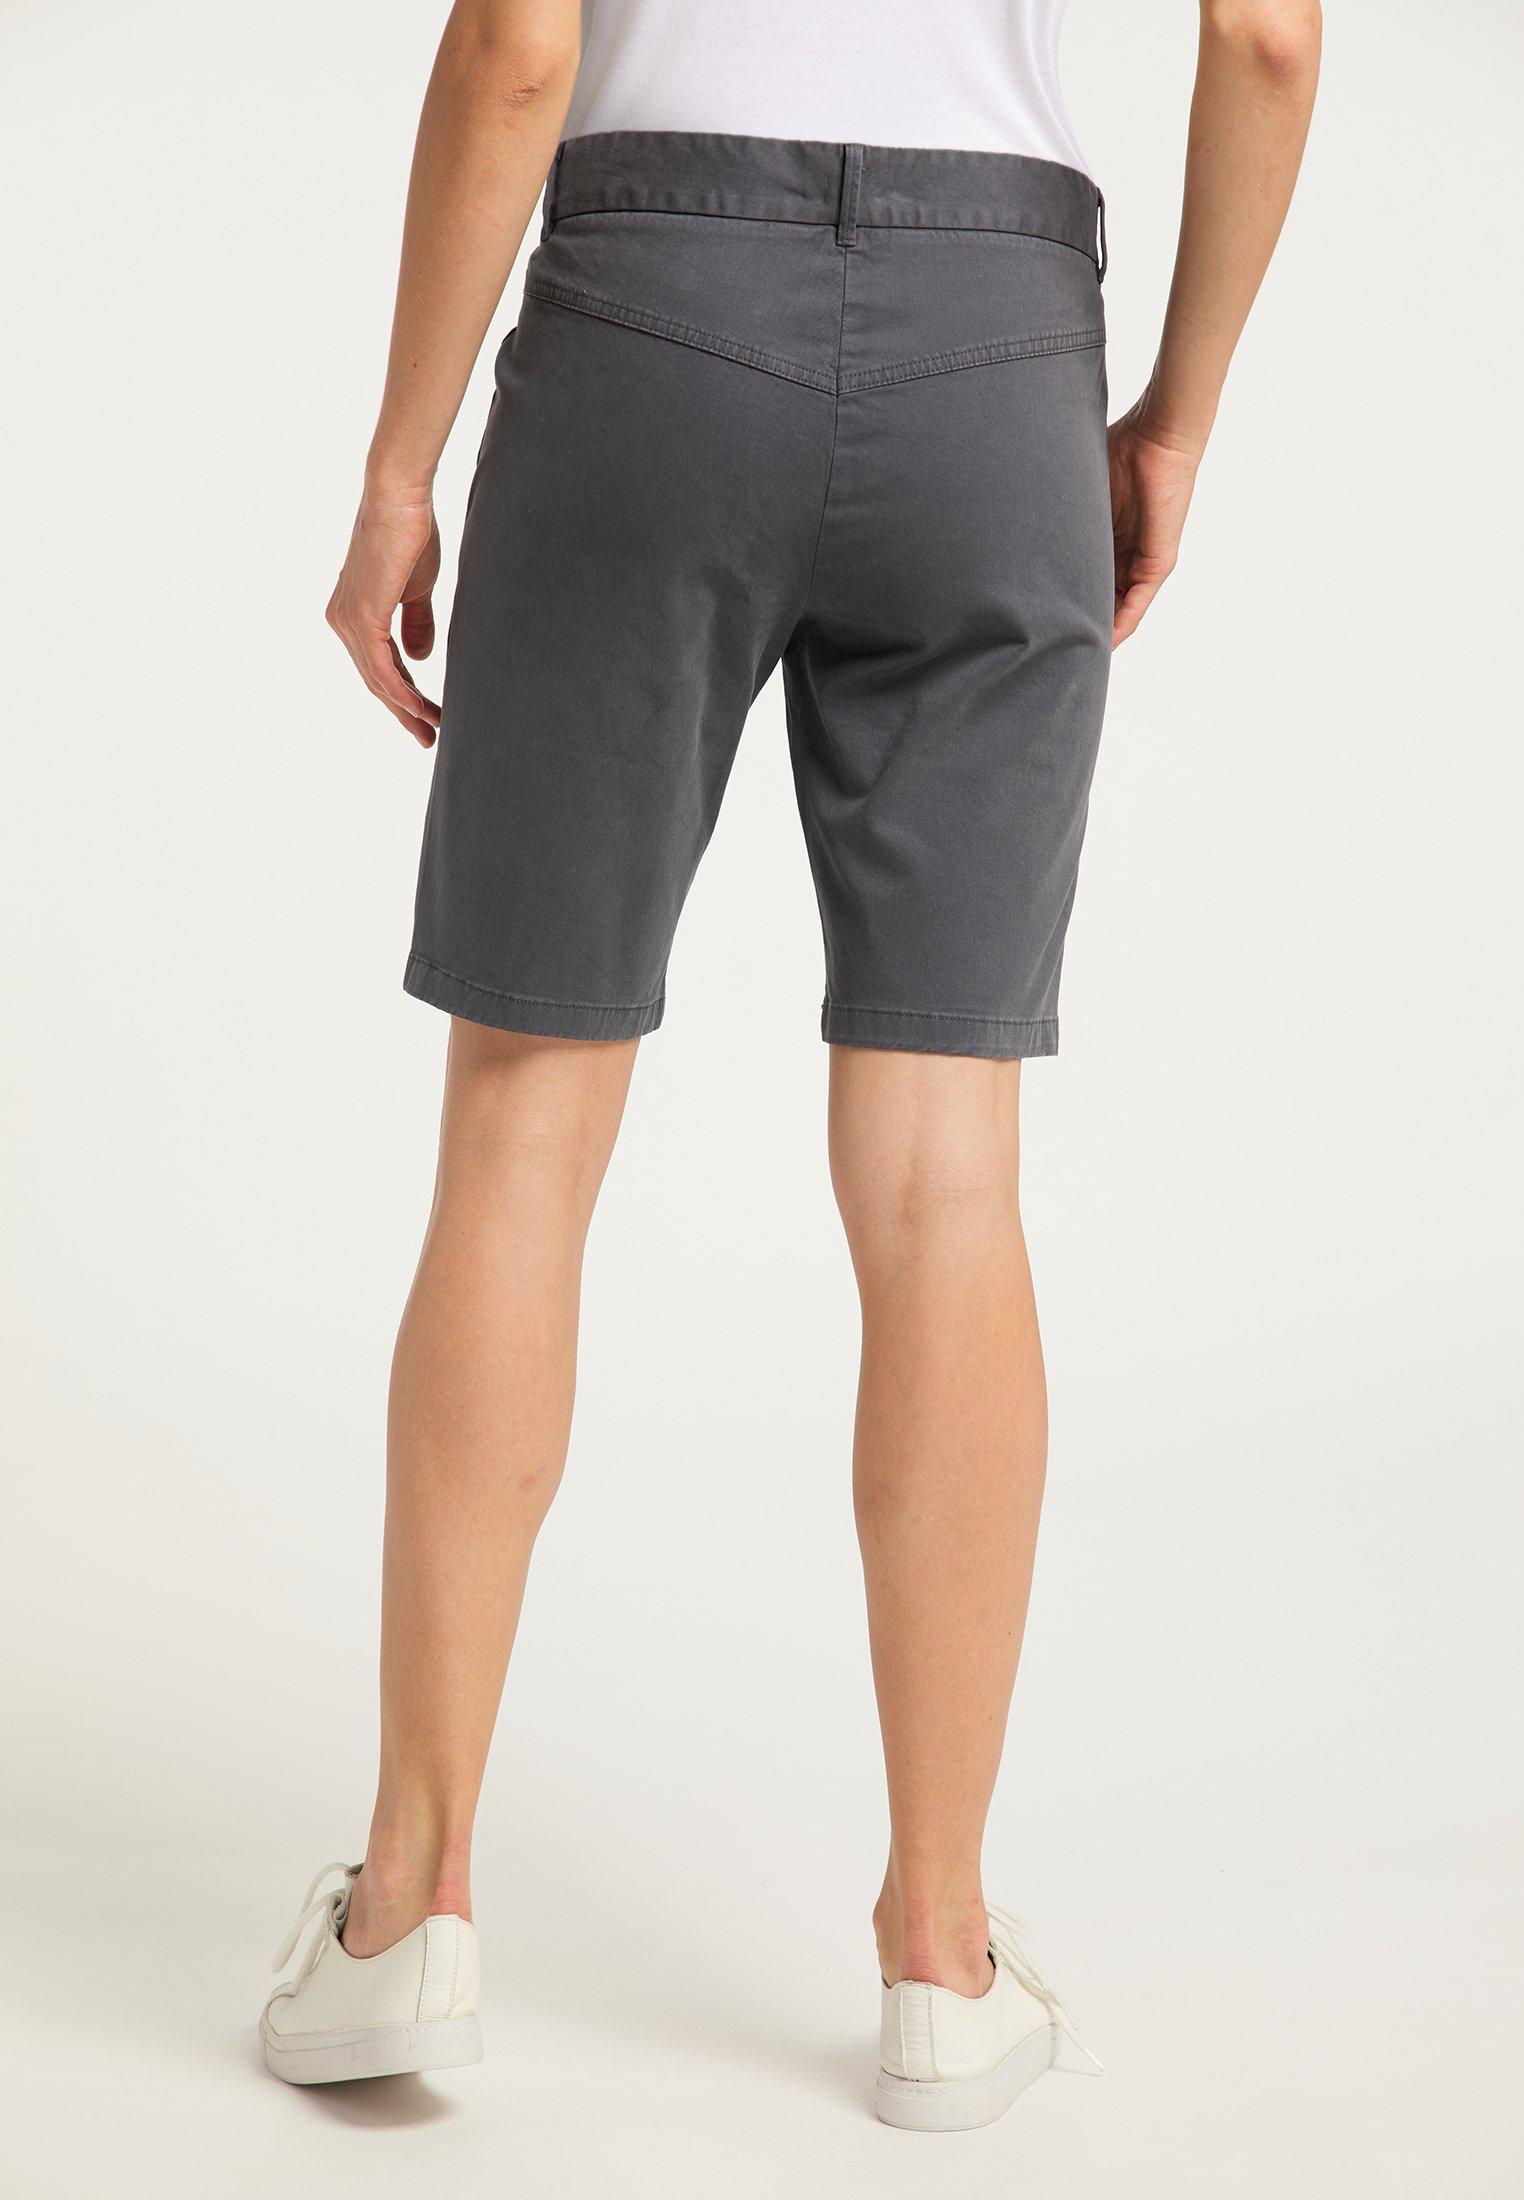 New Style Women's Clothing DreiMaster Shorts schlamm aIwdo9fXr